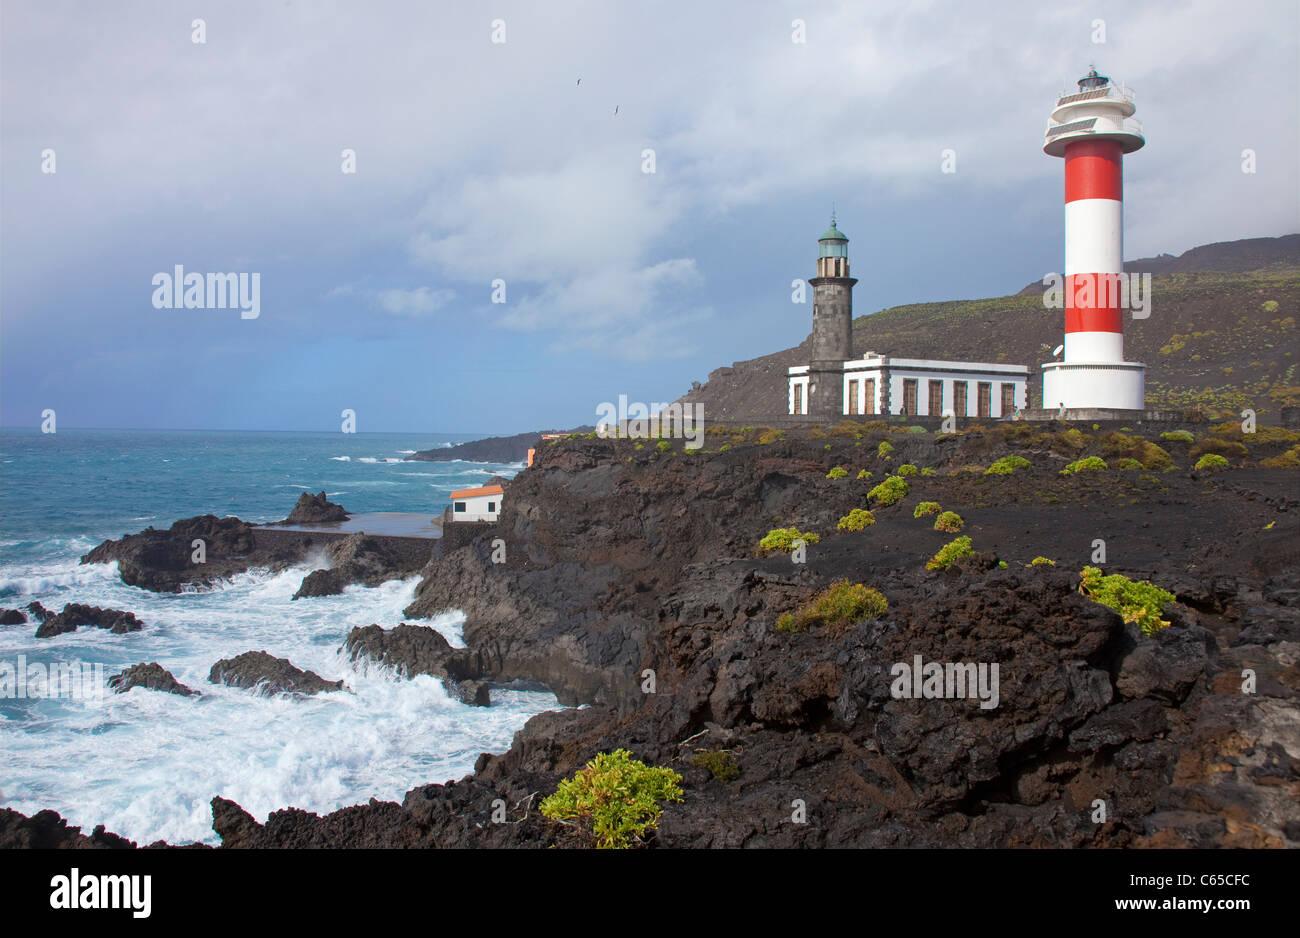 Neue und alte Leuchtturm Faro de Fuencaliente, Südküste von La Palma, Kanarische Inseln, Spanien, Europa Stockbild